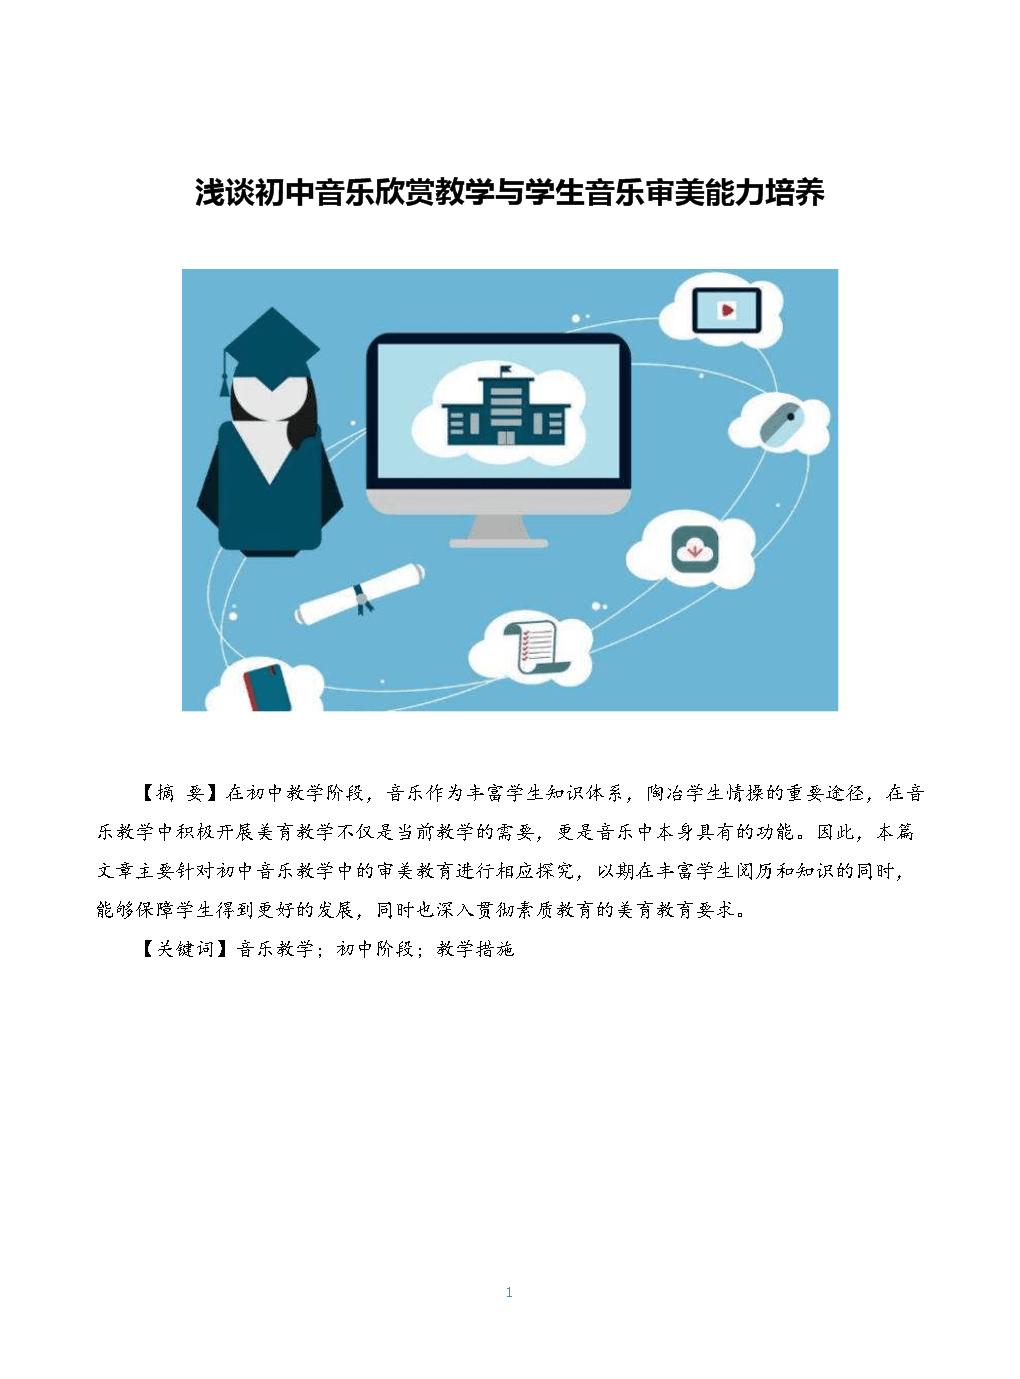 浅谈初中音乐欣赏教学与学生音乐审美能力培养.docx